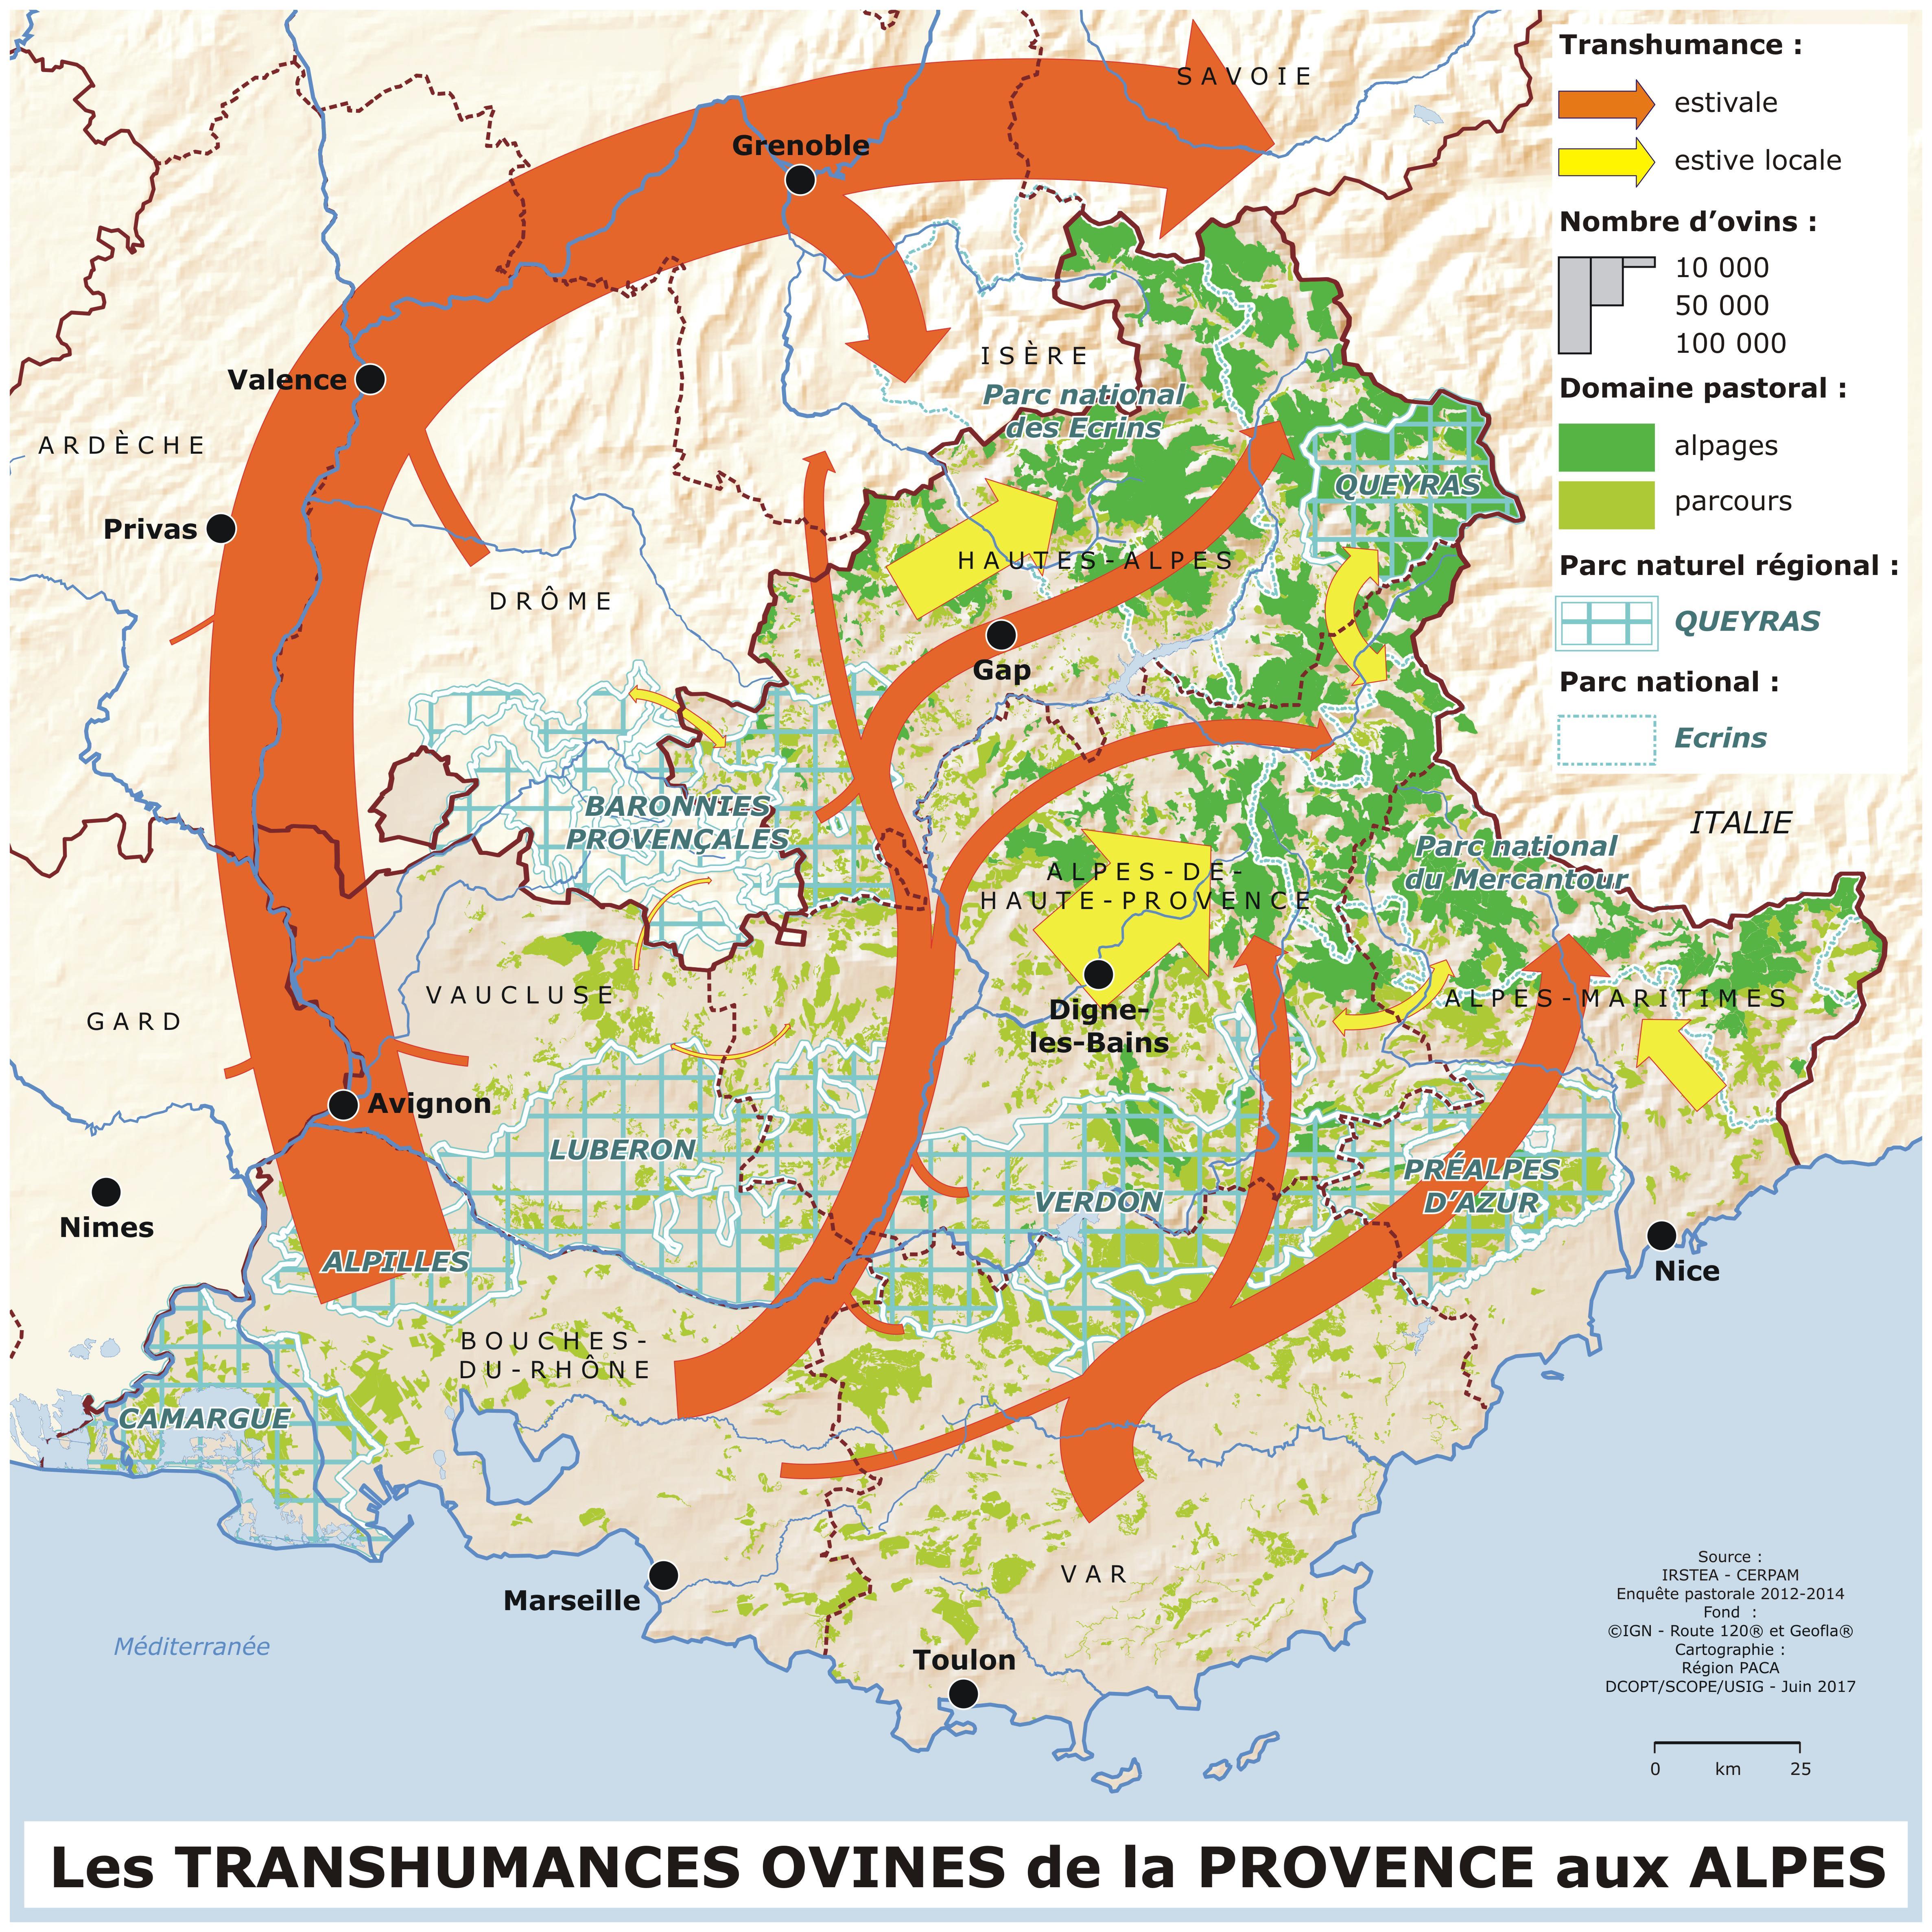 Carte des transhumances ovines de la Provence aux Alpes